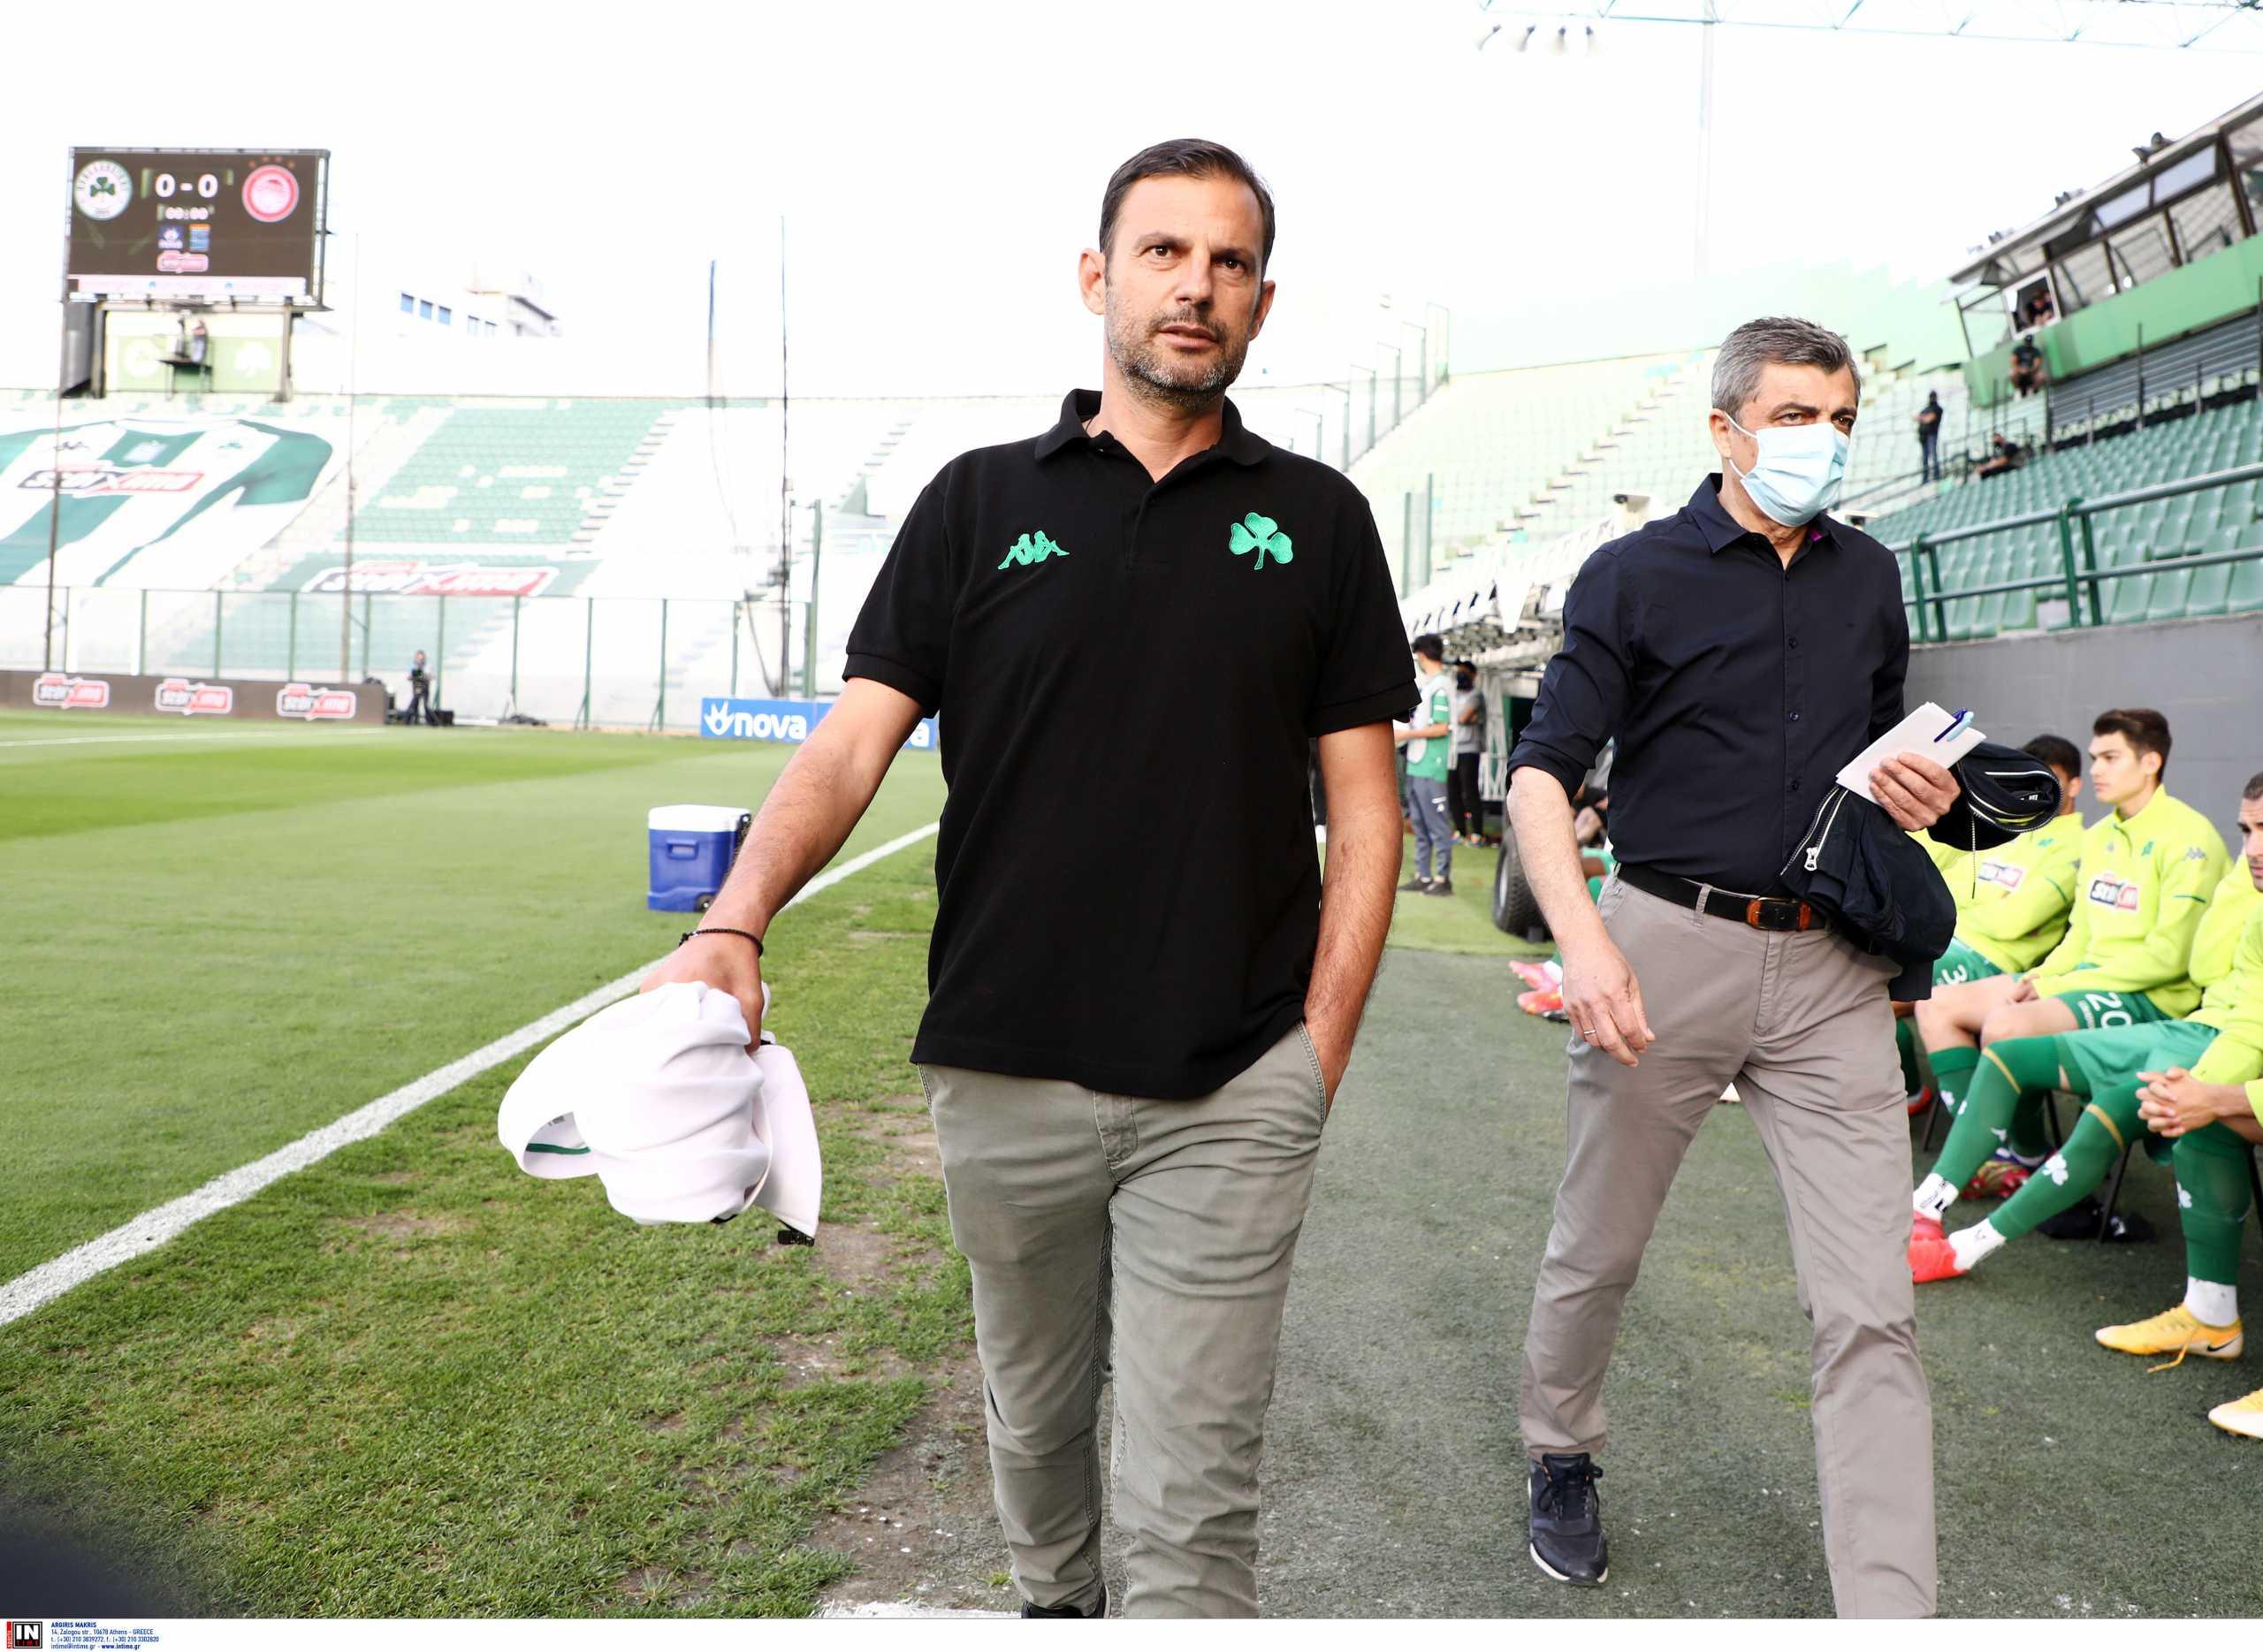 Προπονητής του Παναθηναϊκού θα συνεχίσει στον ποδοσφαιρικό Ολυμπιακό